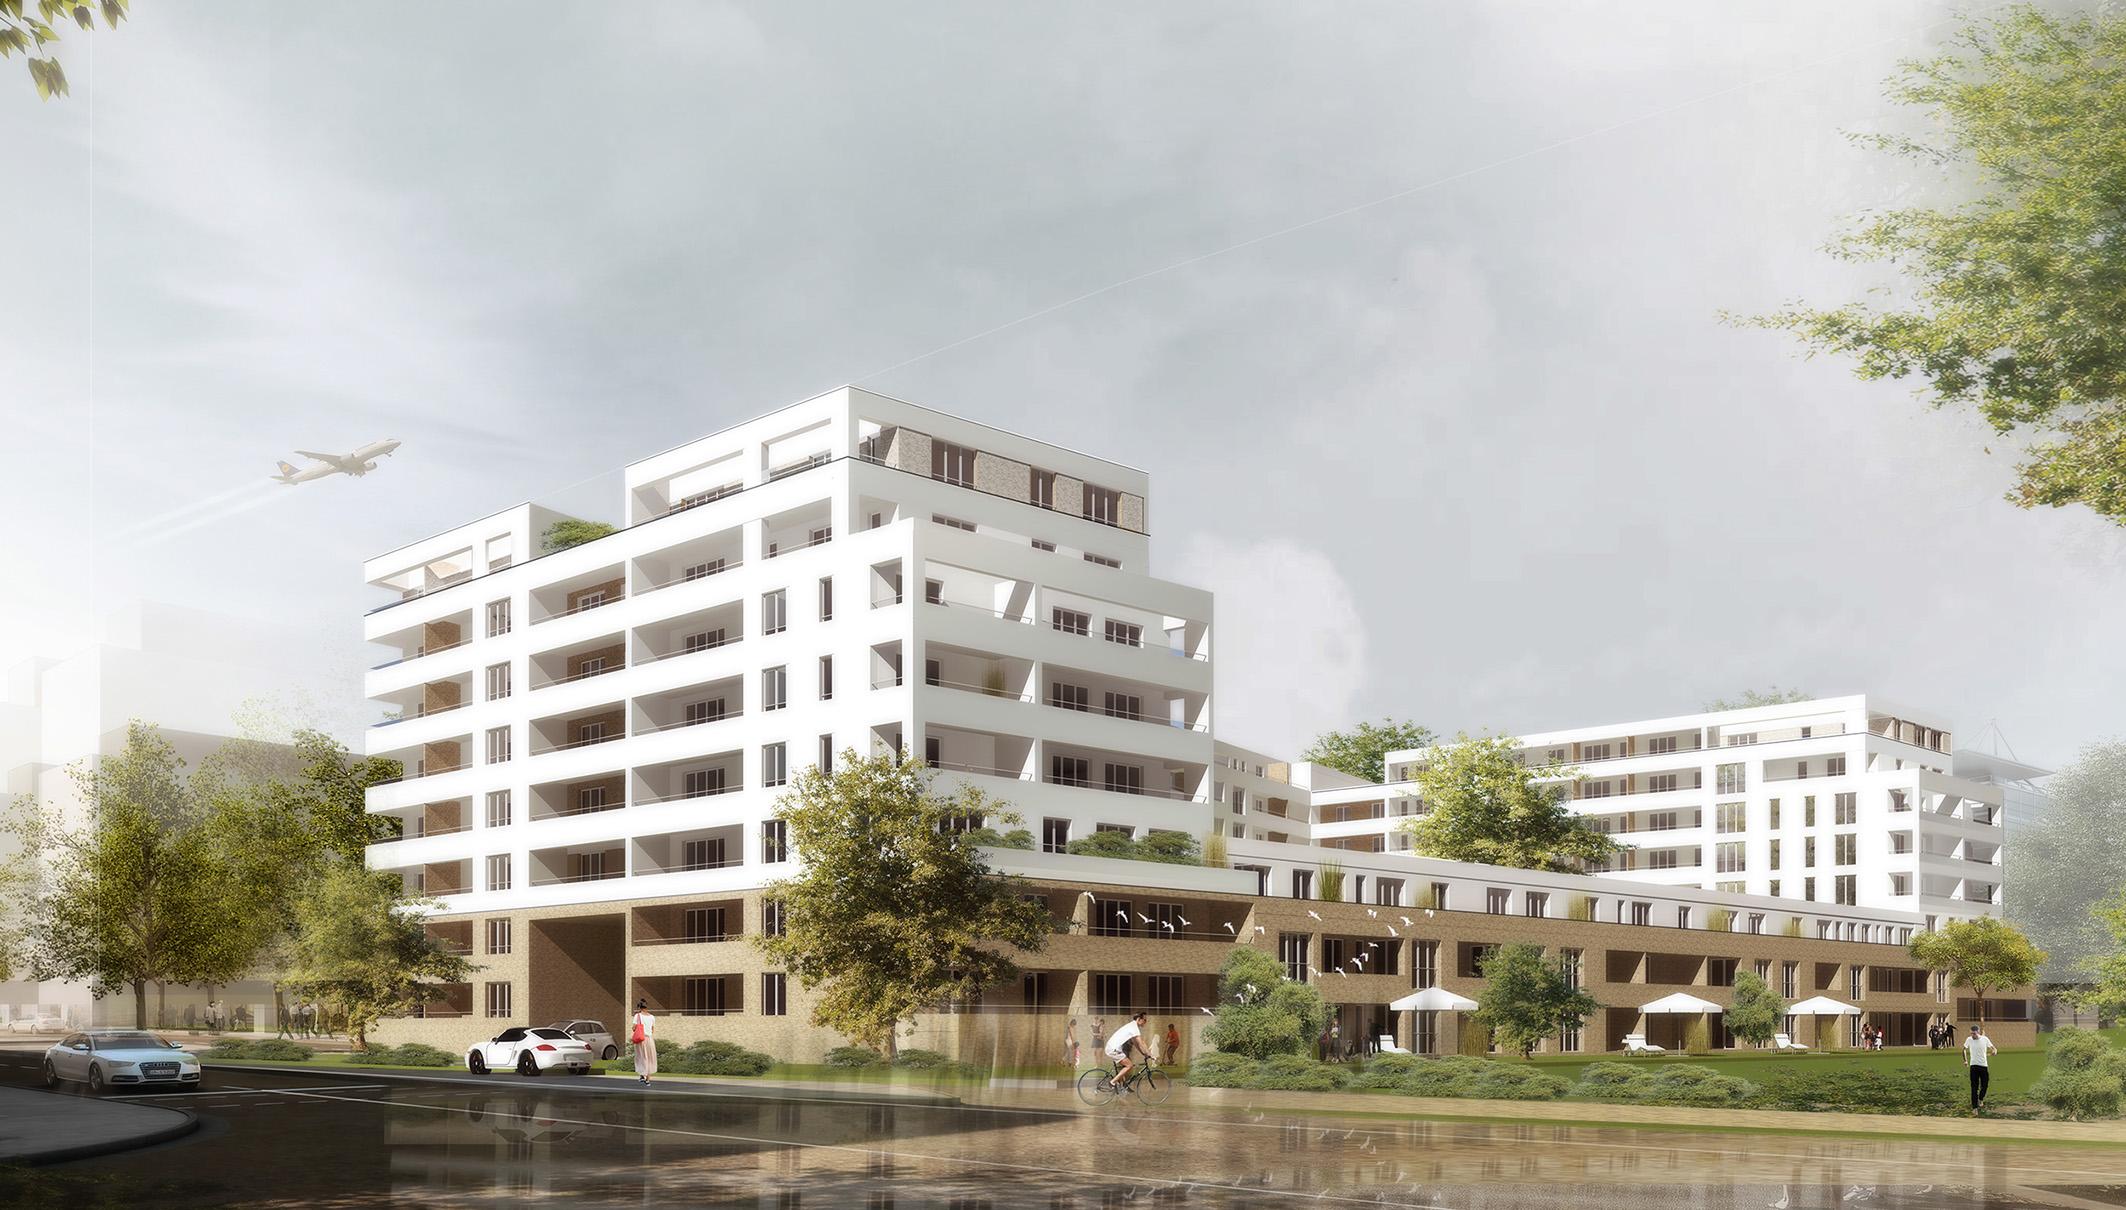 Perspektive Wettbewerb Wohnungsbau Hahnstraße im Lyoner Quartier in Frankfurt am Main von Bitsch+Bienstein Architekten